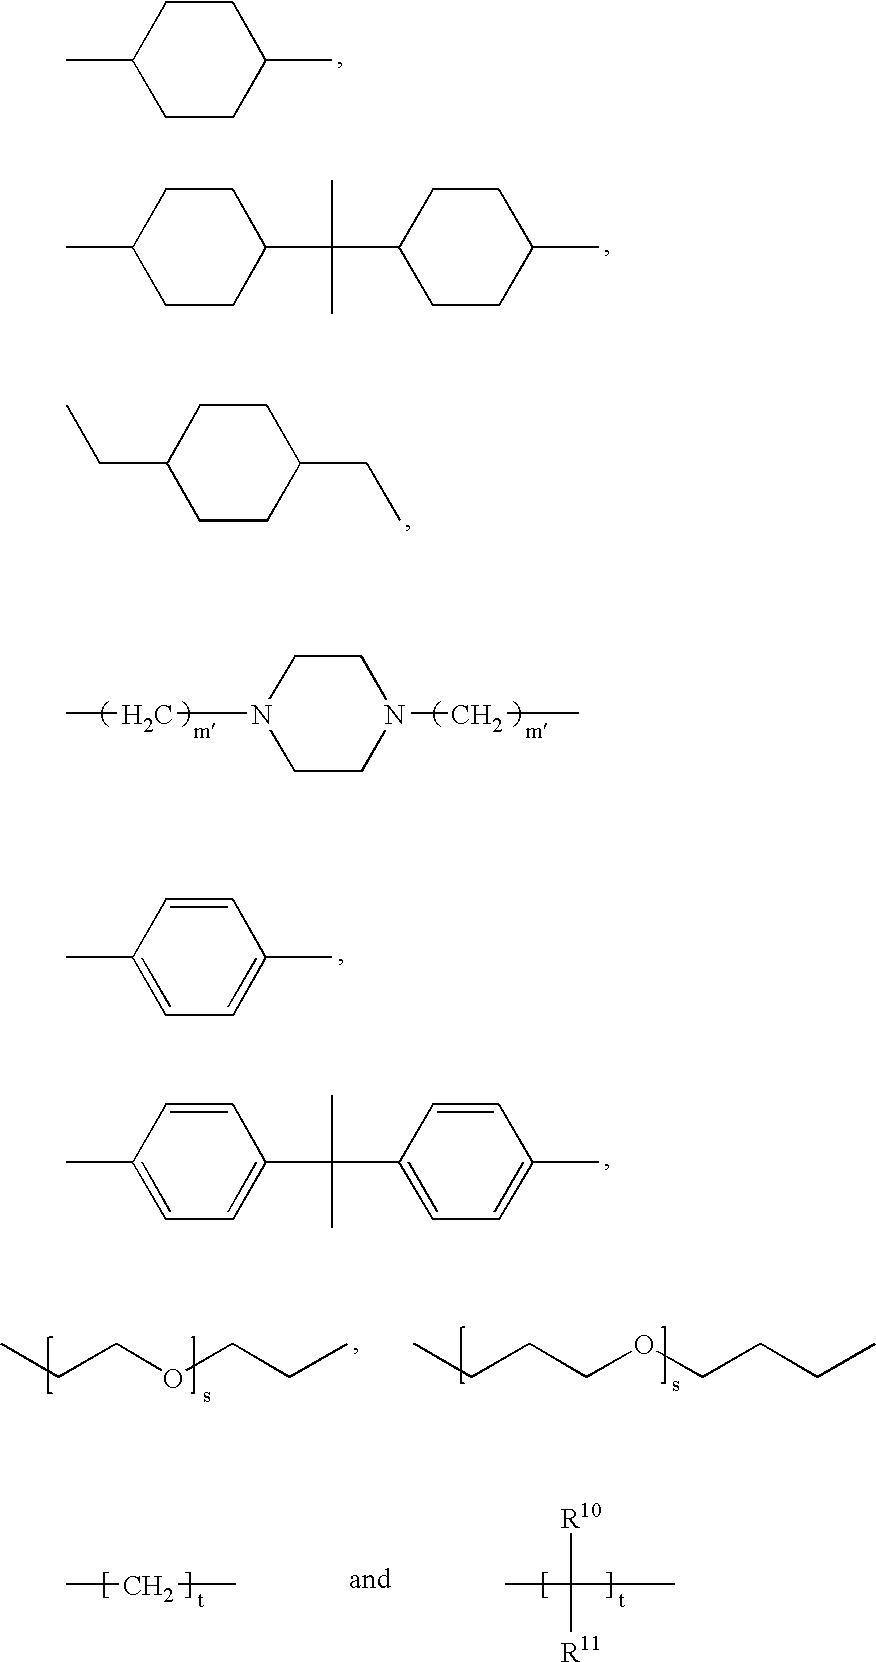 Figure US20060235084A1-20061019-C00064